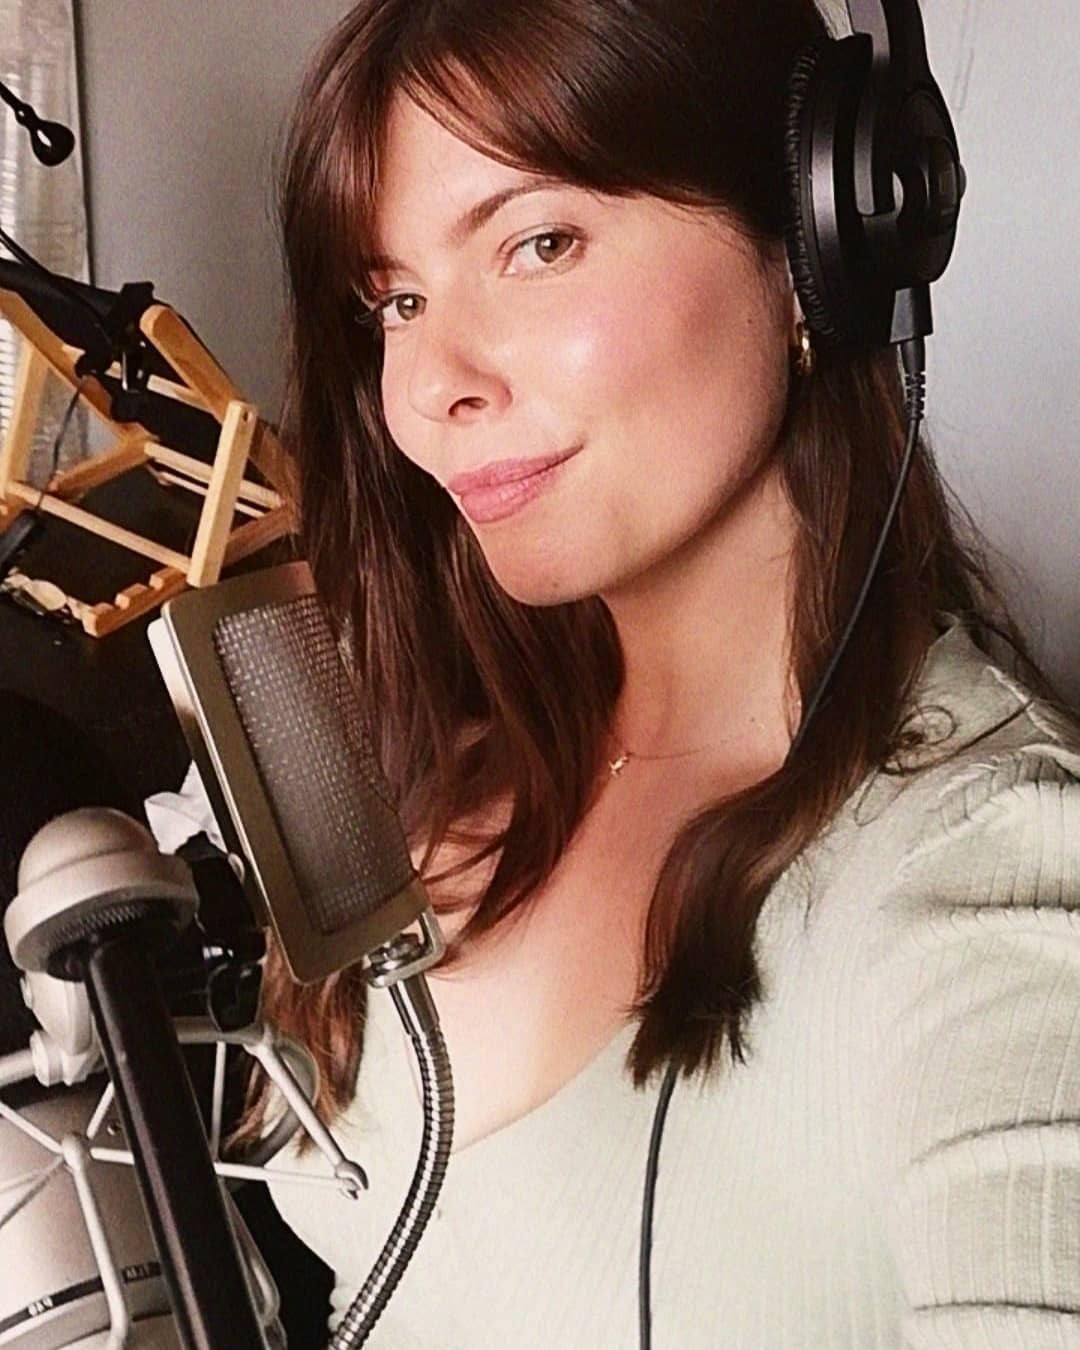 Remie Michelle Clarke